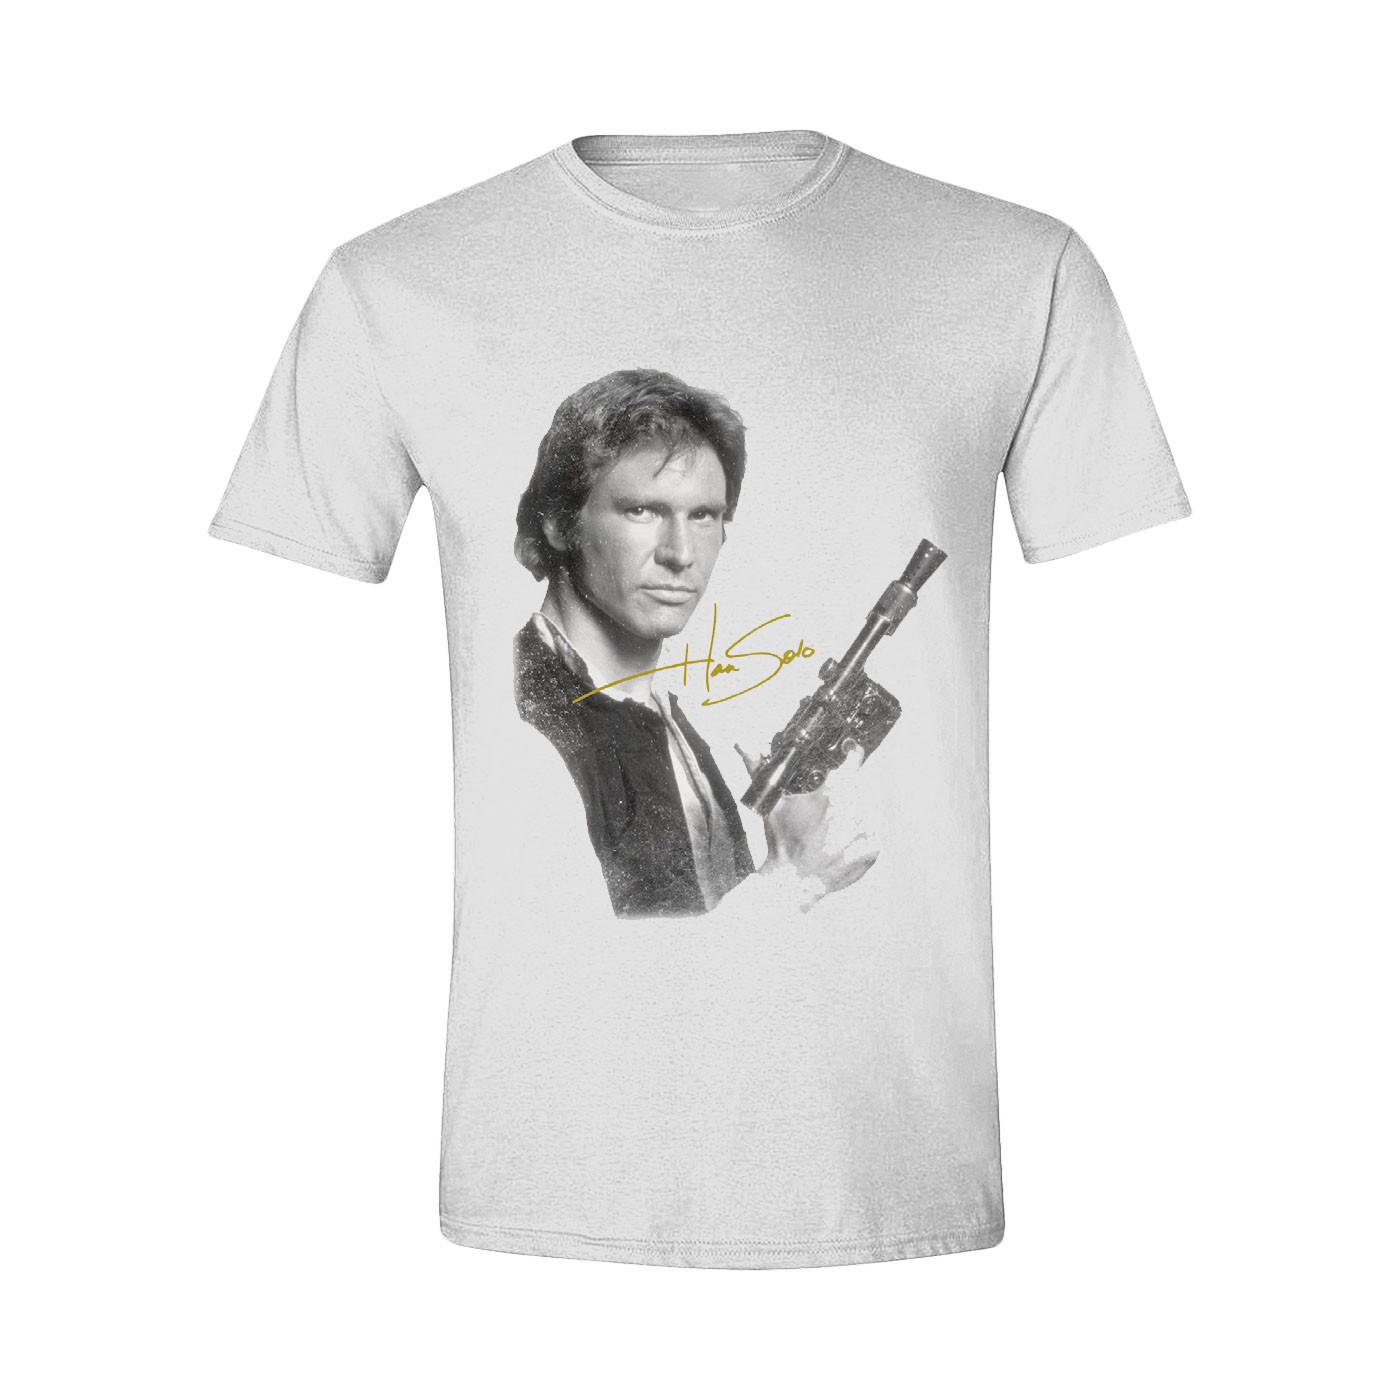 Time City Star Wars Han Solo Portrait White Men'S T-Shirt S